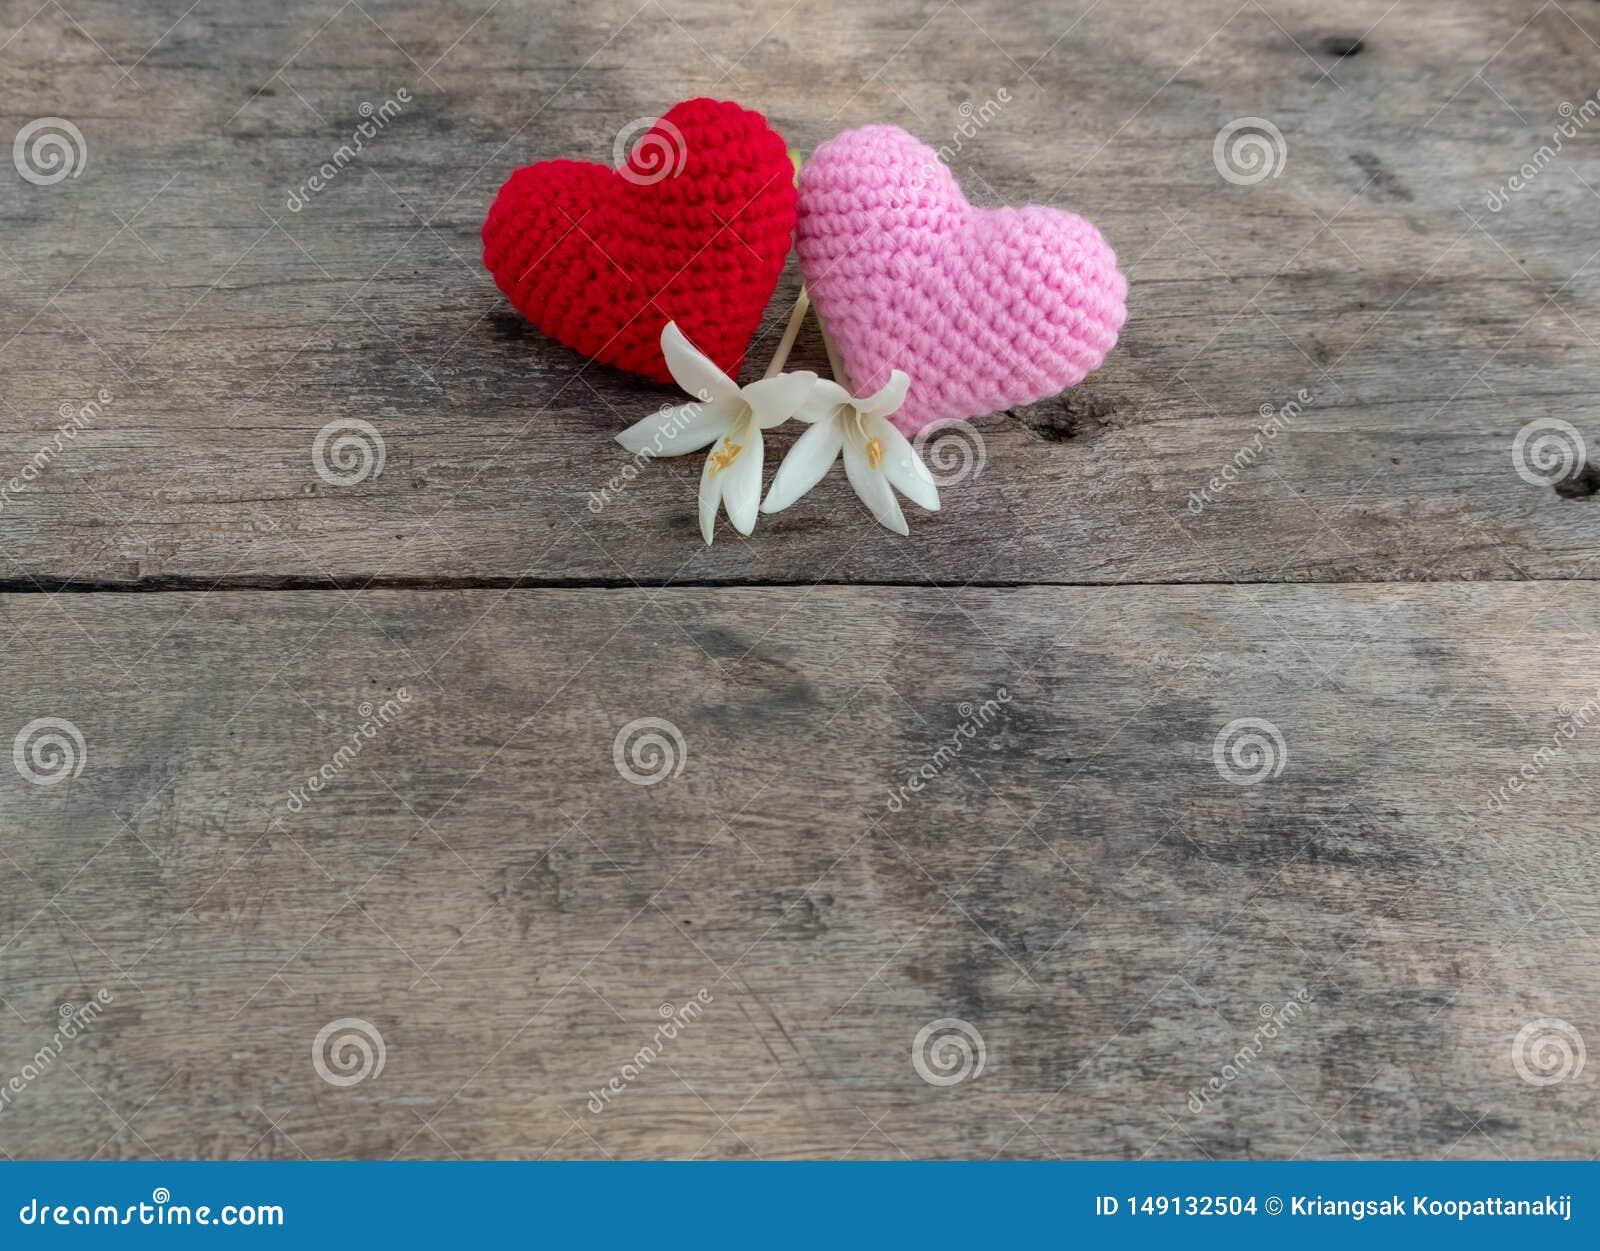 Rode en roze nitting harten met bloemen op houten lijst